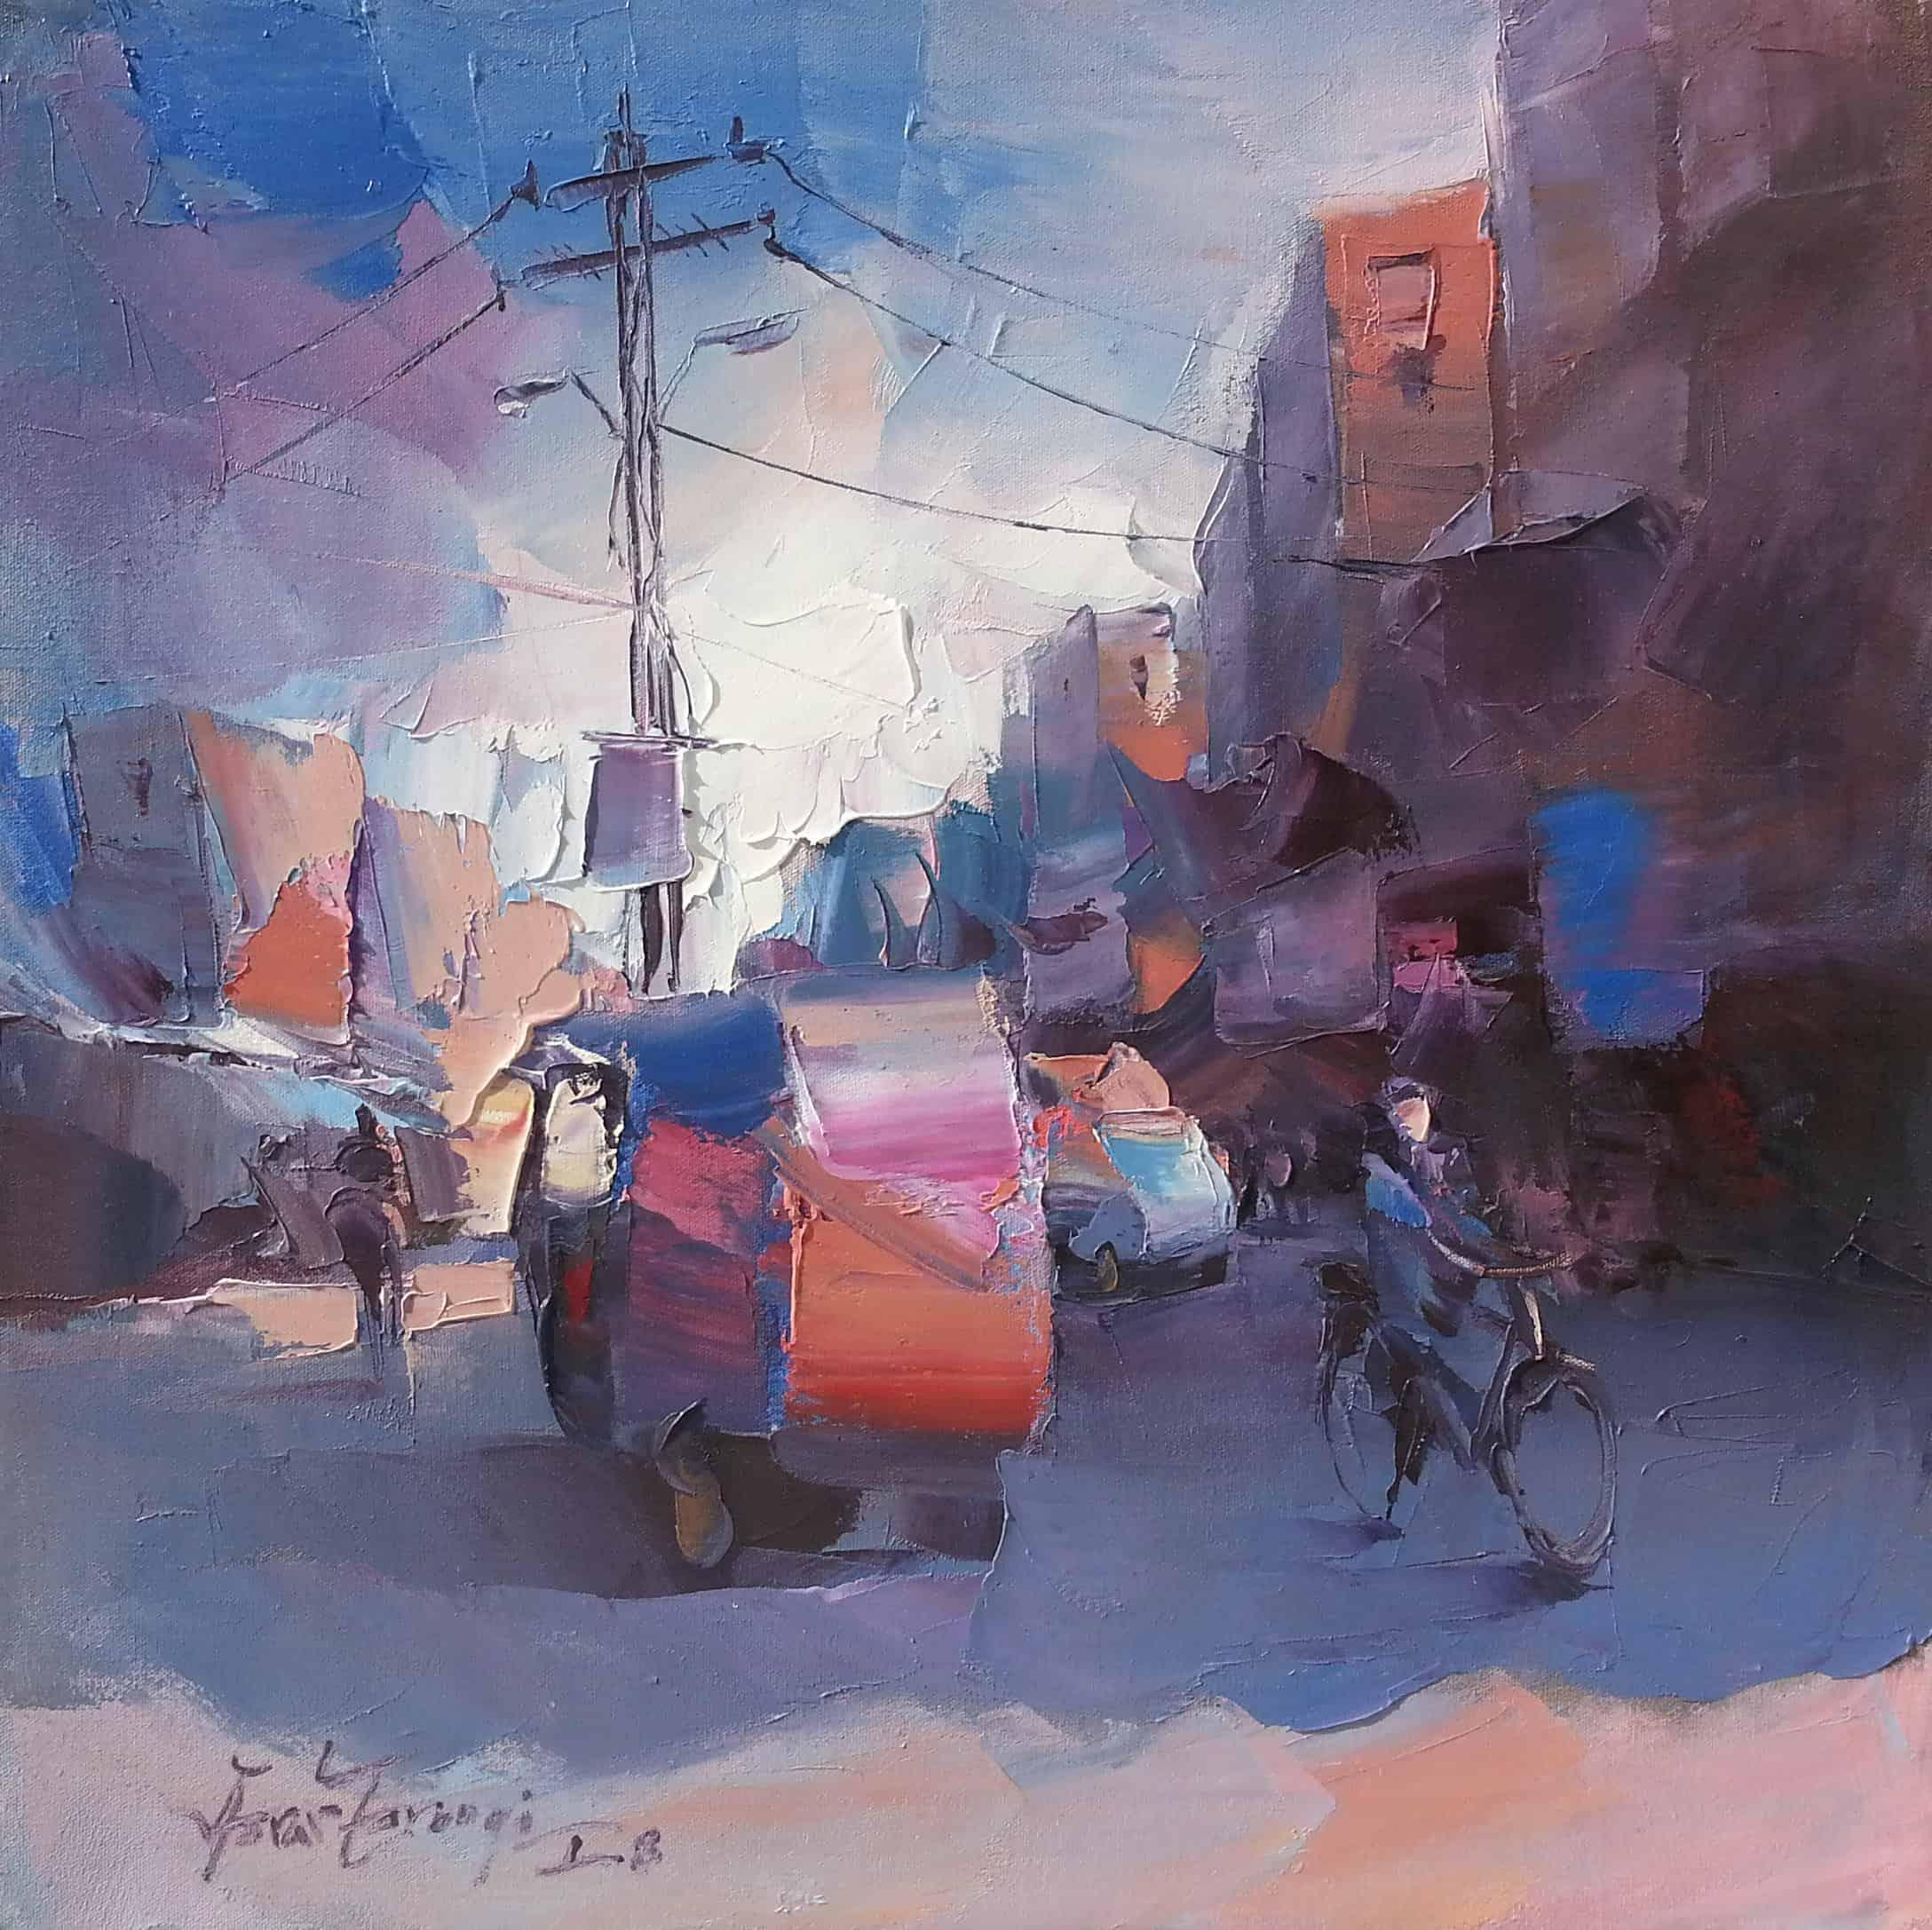 Raja Bazar Rawalpindi: Paintings By Asrar Farooqi